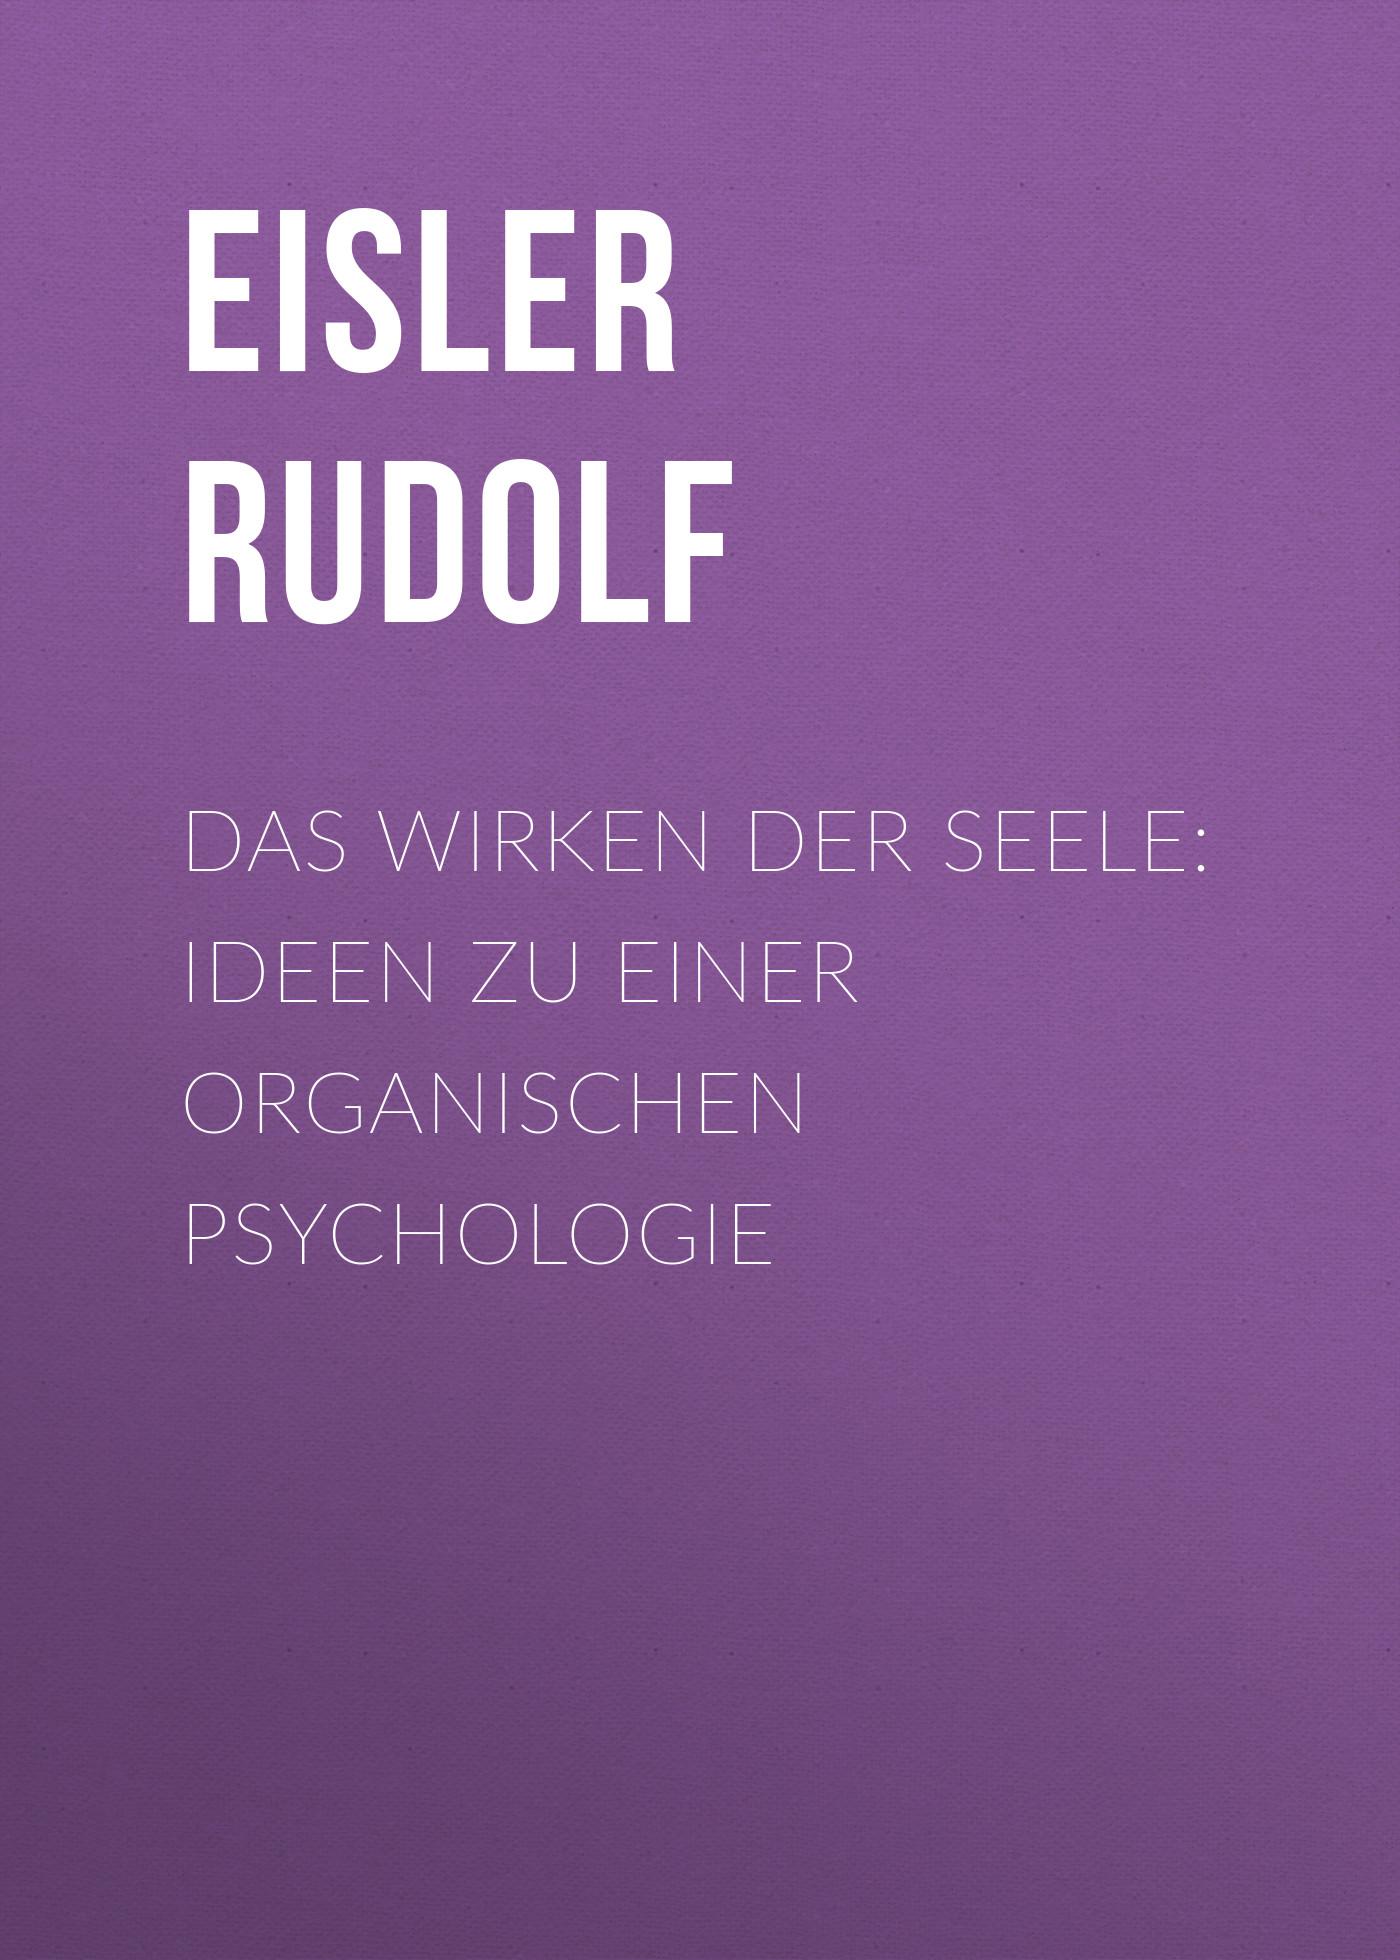 Eisler Rudolf Das Wirken der Seele: Ideen zu einer organischen Psychologie bianka denise albrecht schamanismus der seele